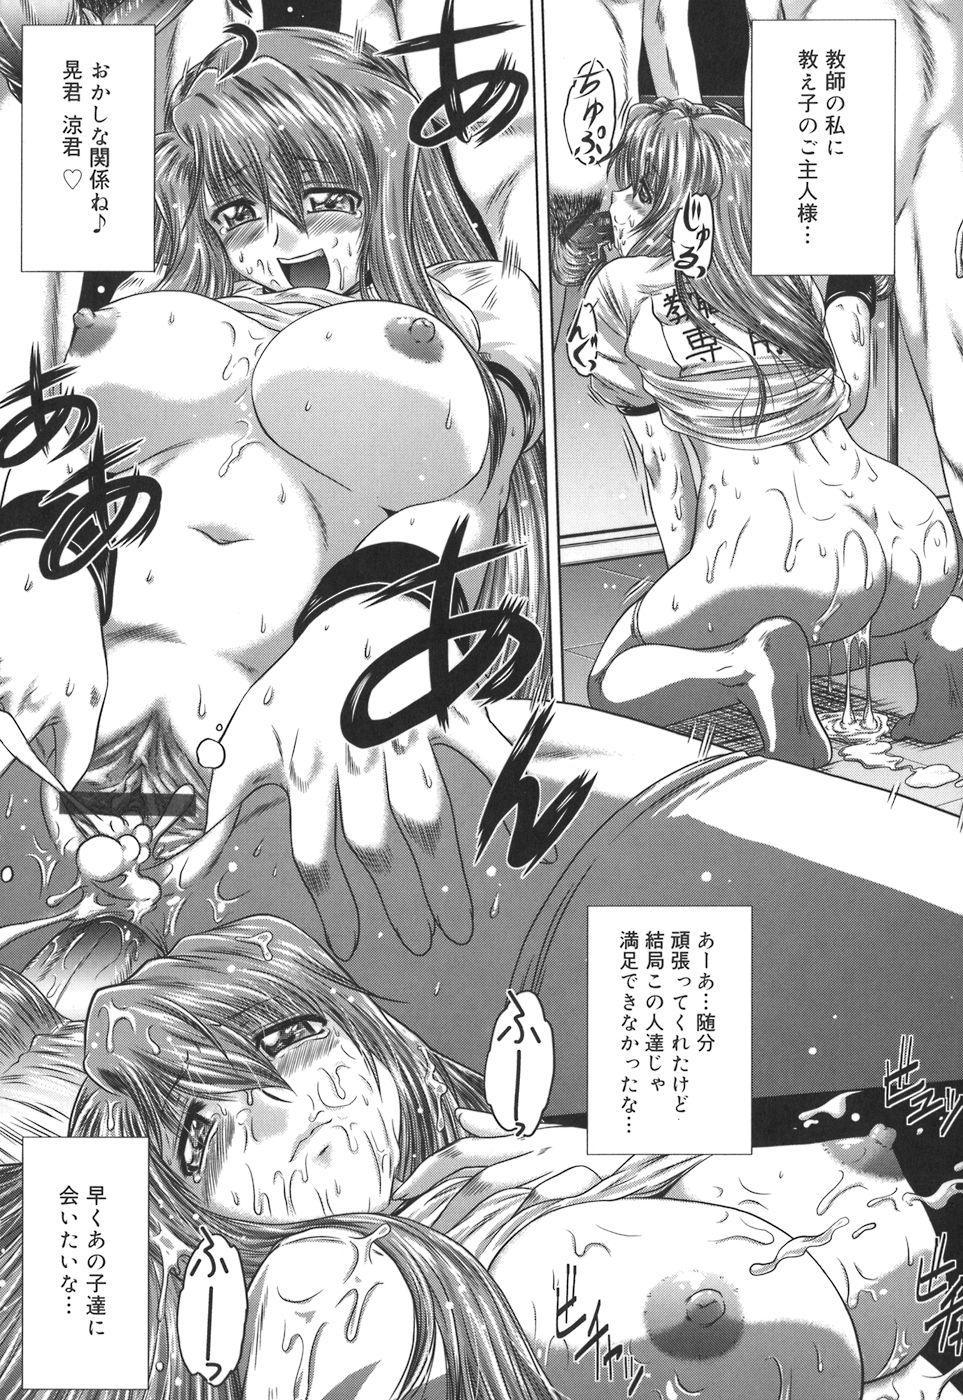 Iroka no Himitsu 68